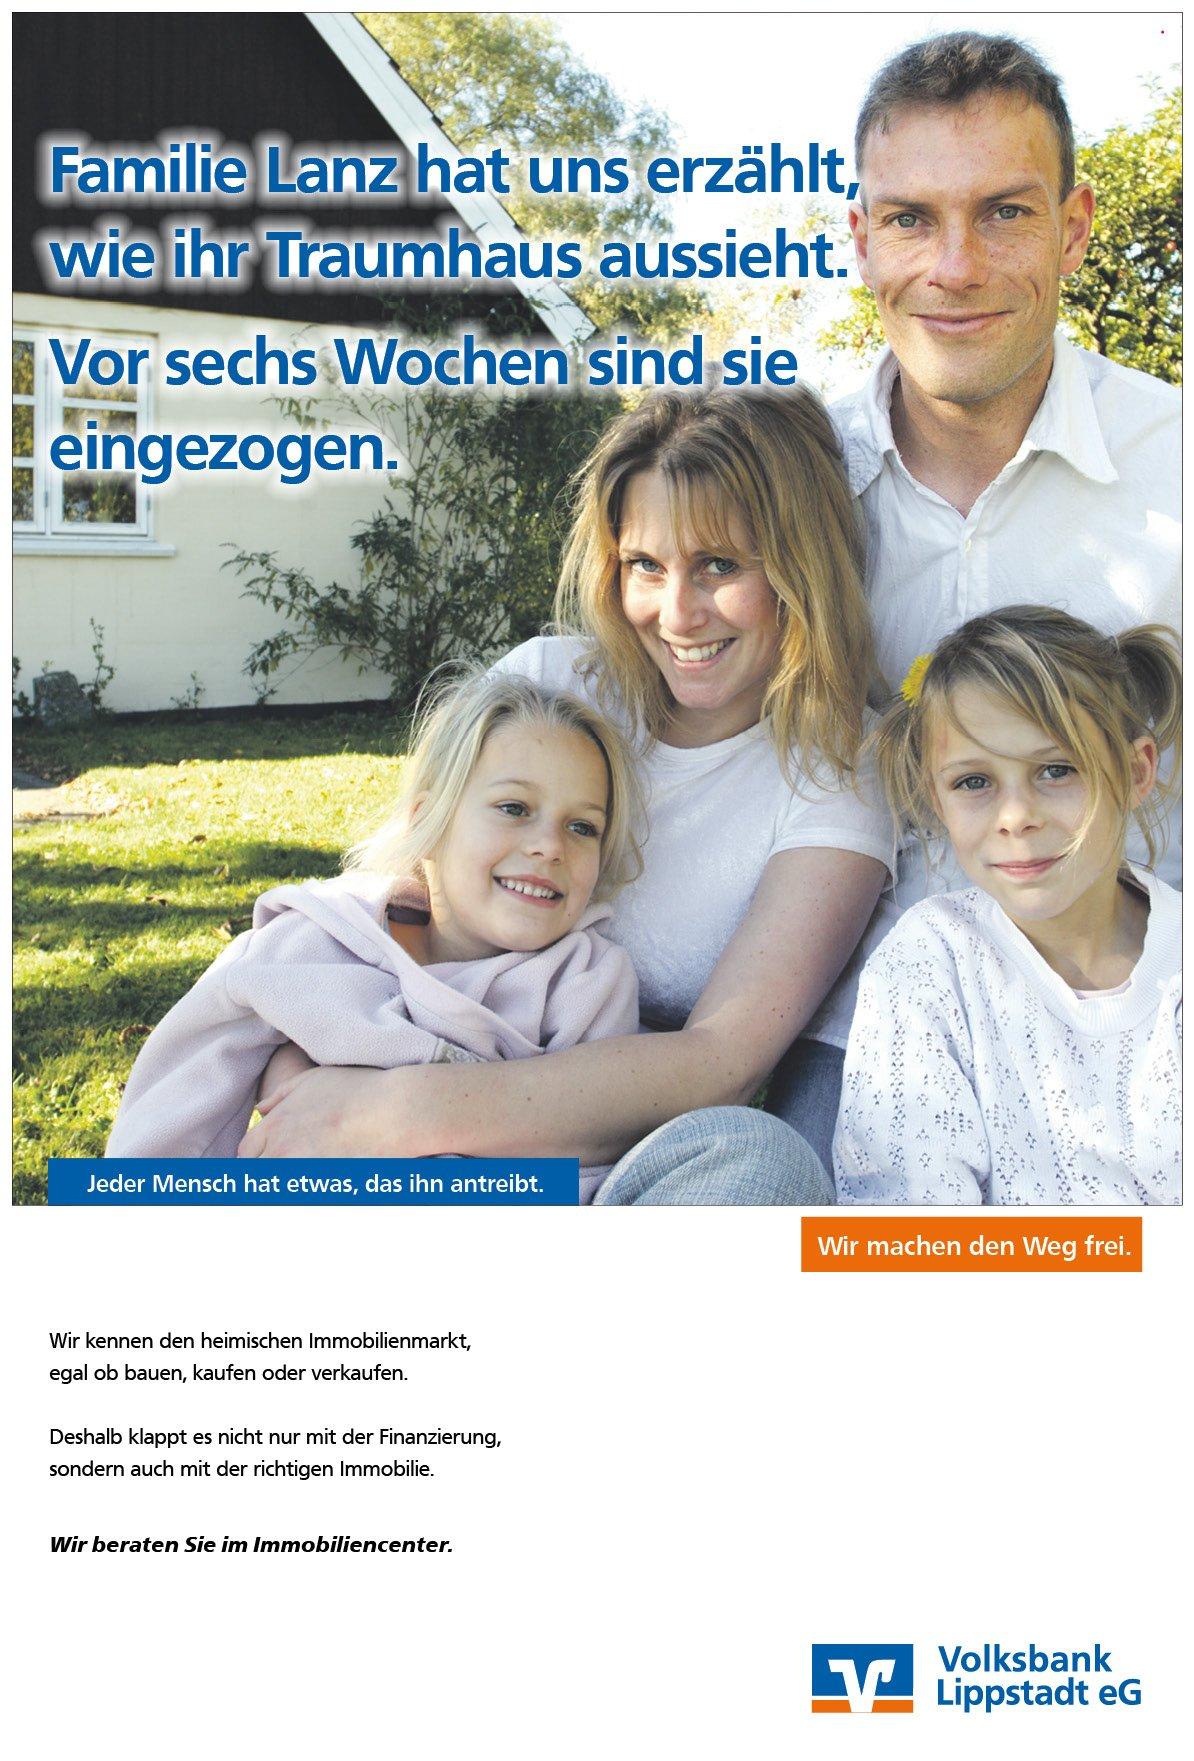 Baufinanzierung: Anzeigenmotiv der Werbeagentur in Bielefeld